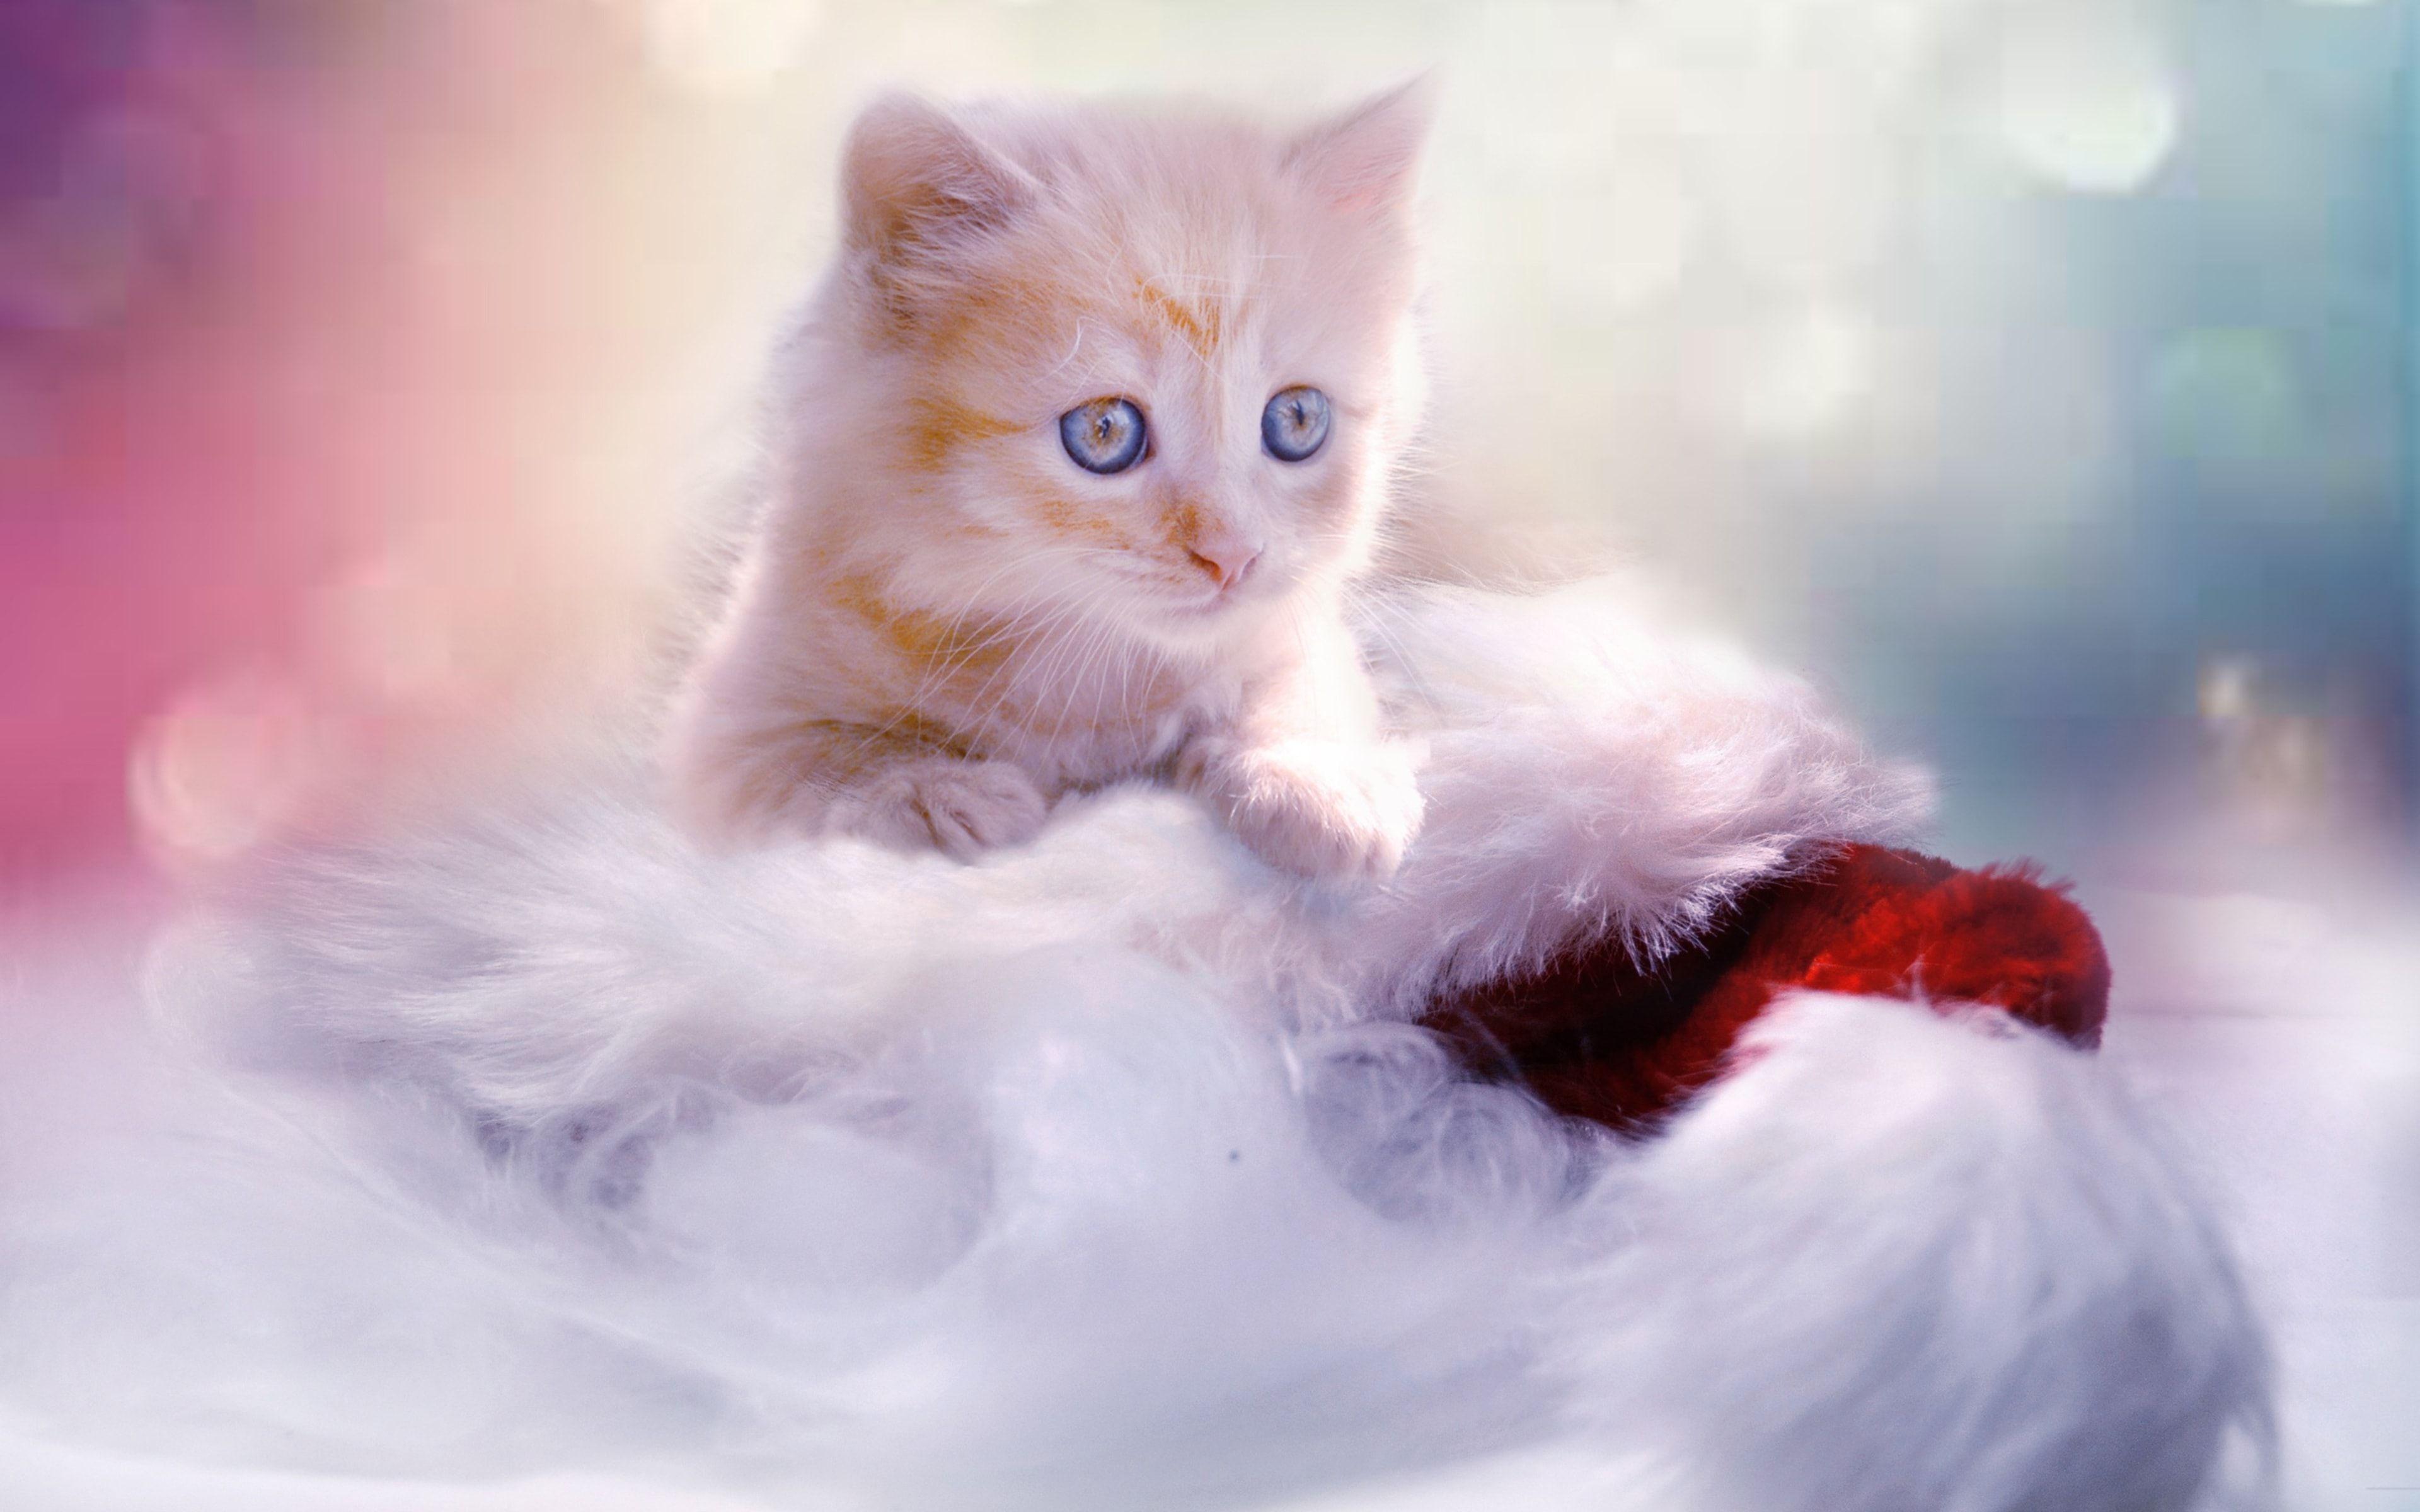 White Christmas Cute Kitten 4k Christmas Cats Kittens Cutest